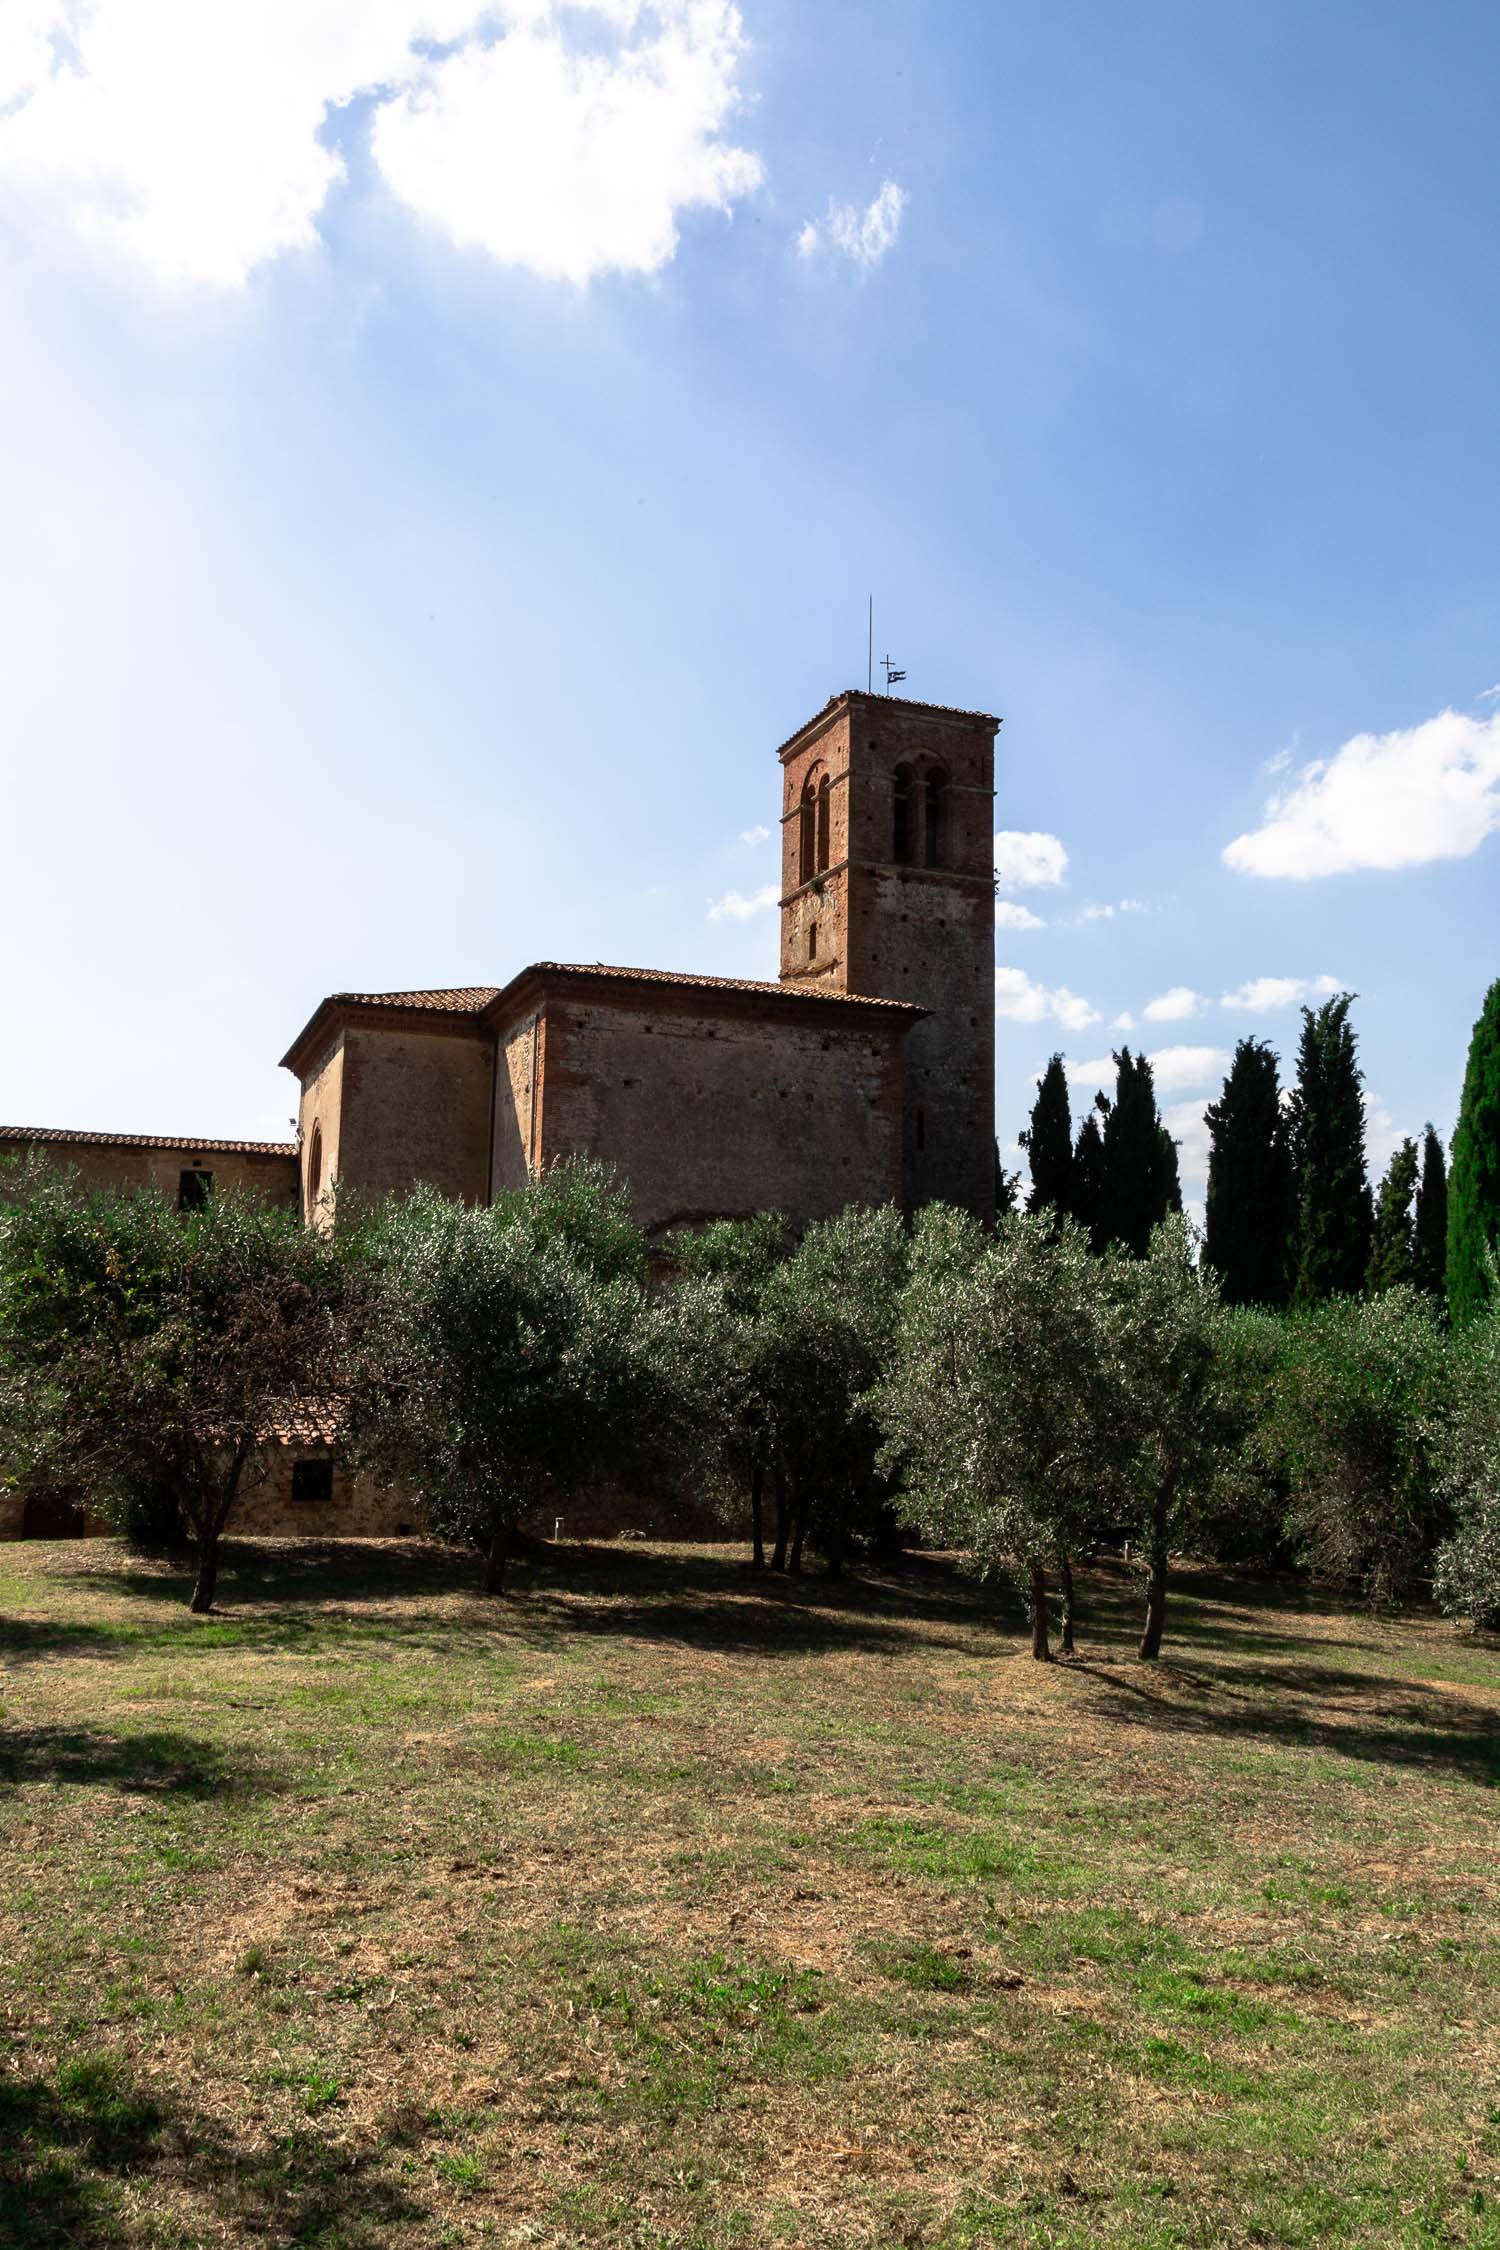 Tuscany-Sant-Anna-in-Camprena-5409.jpg